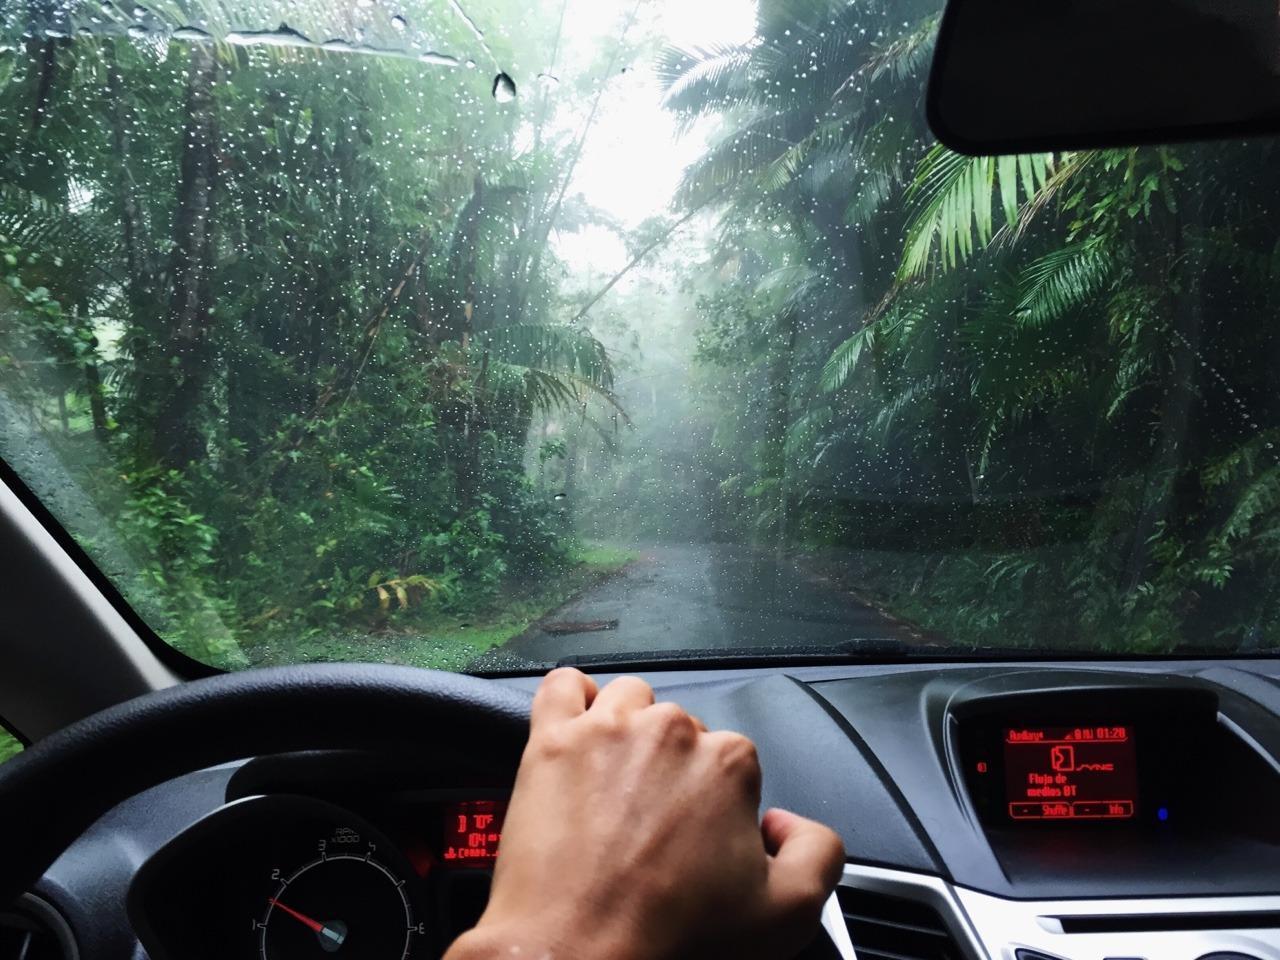 Mẹo hay giúp bảo vệ xế cưng trong mùa mưa gió